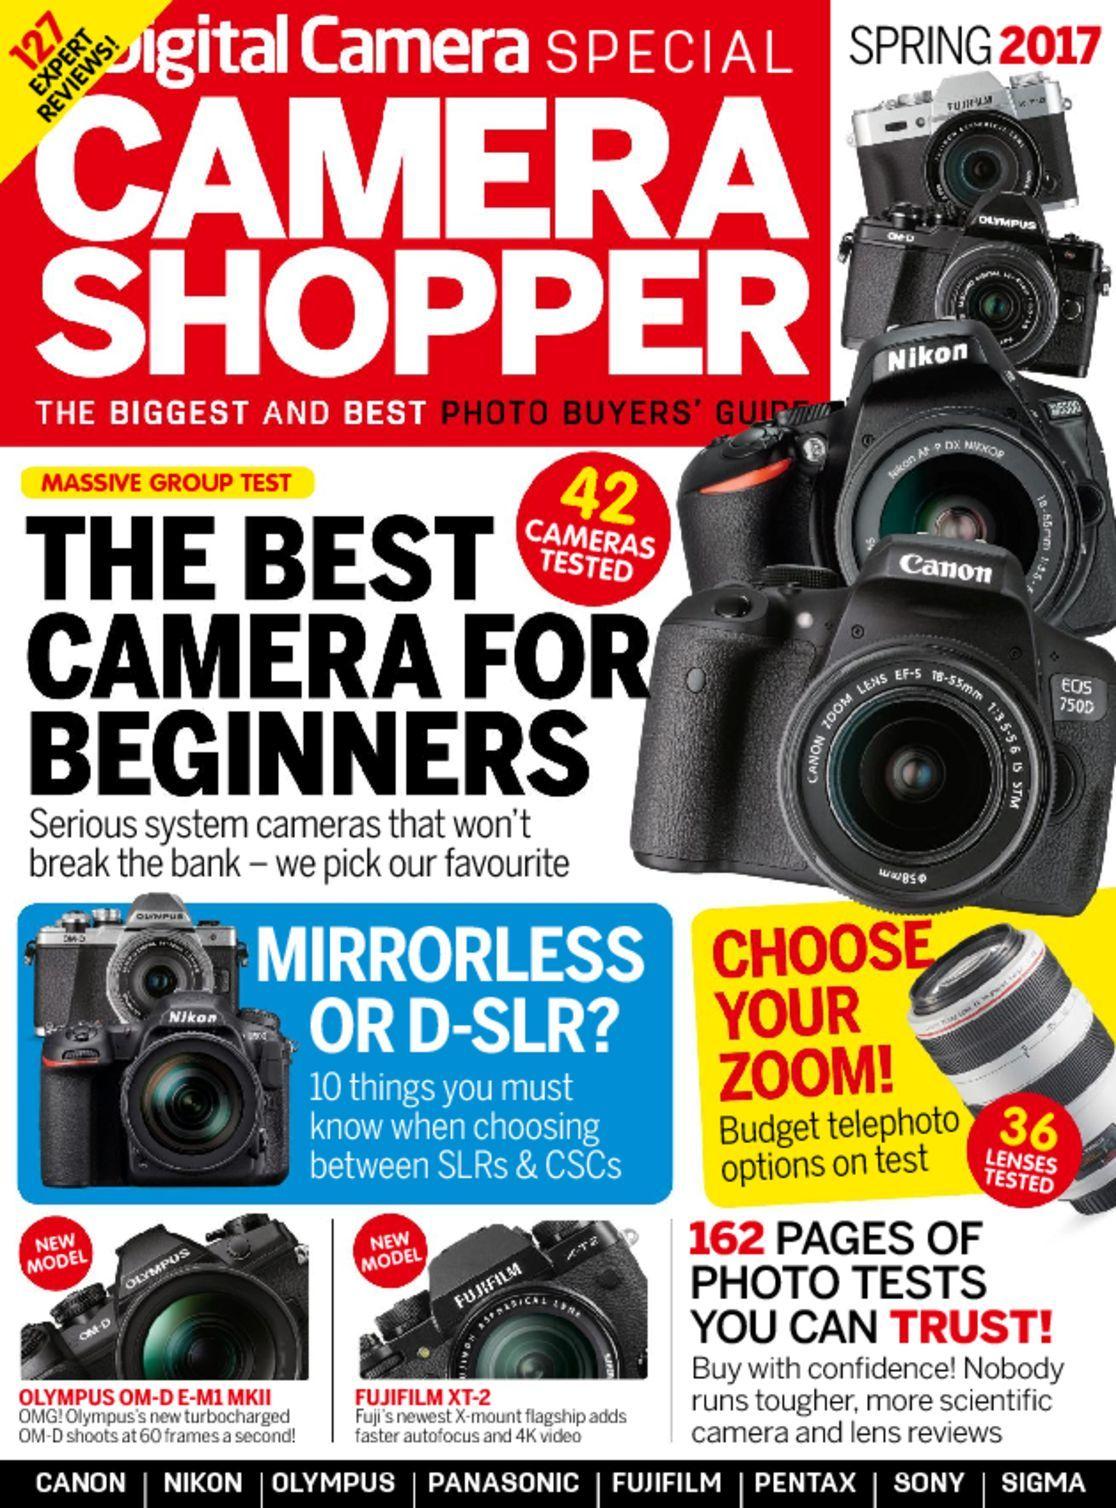 Camera Shopper Special Digital